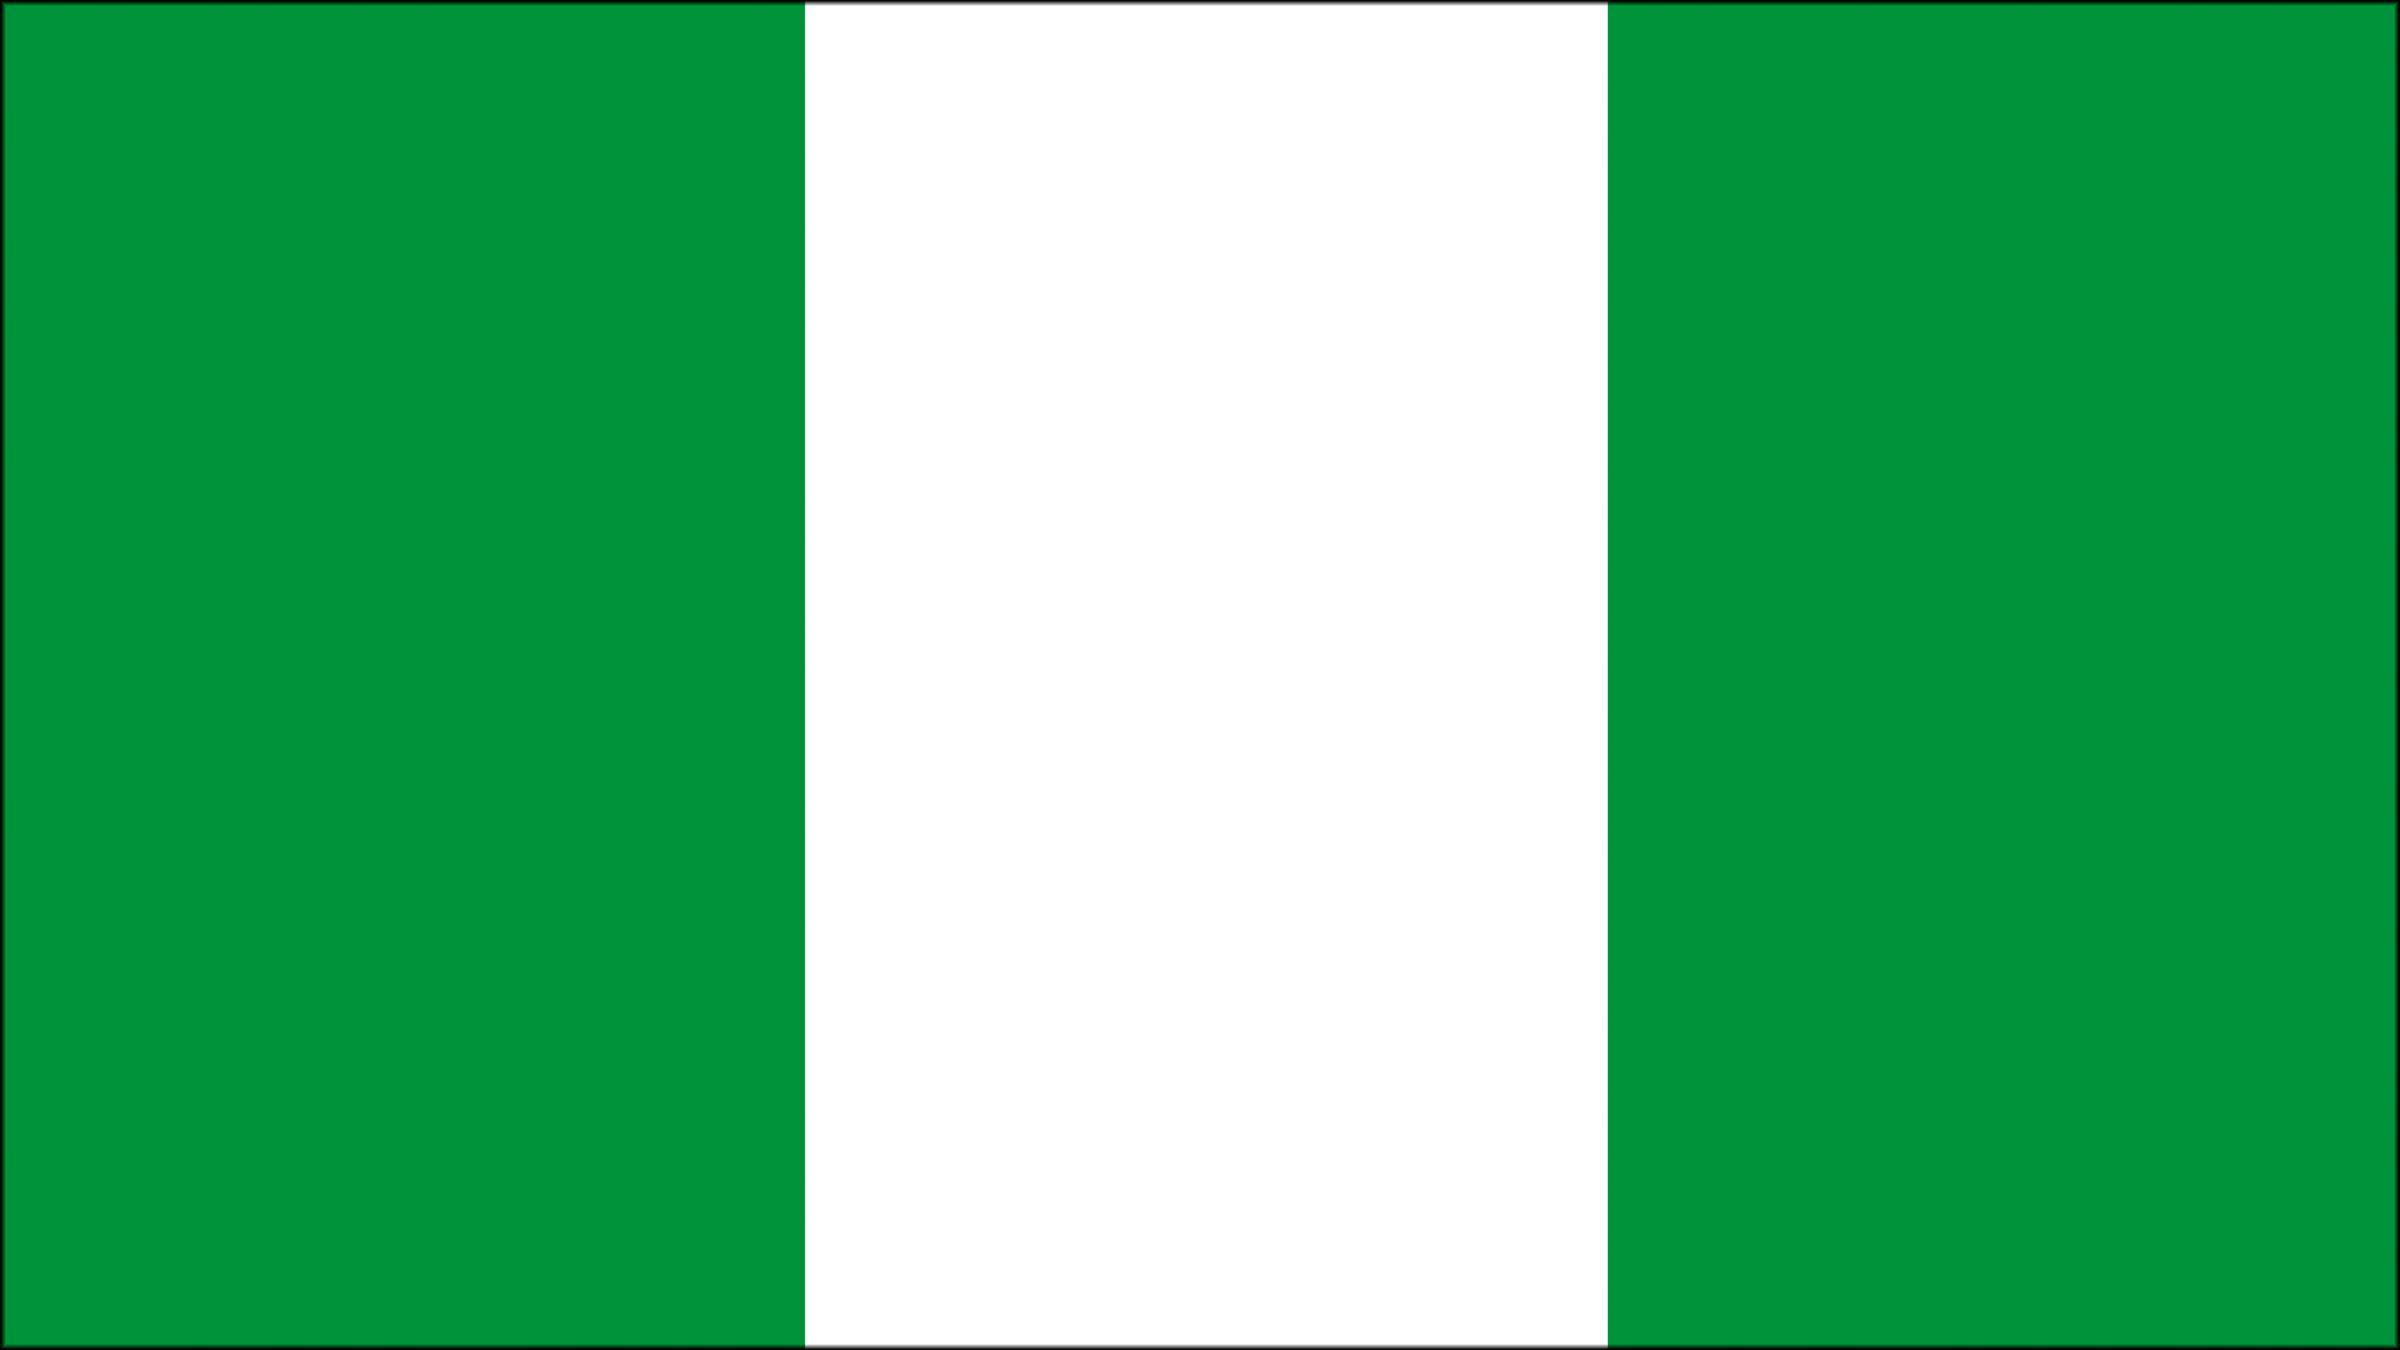 Bandera de Nigeria | Banderas y escudos | Pinterest